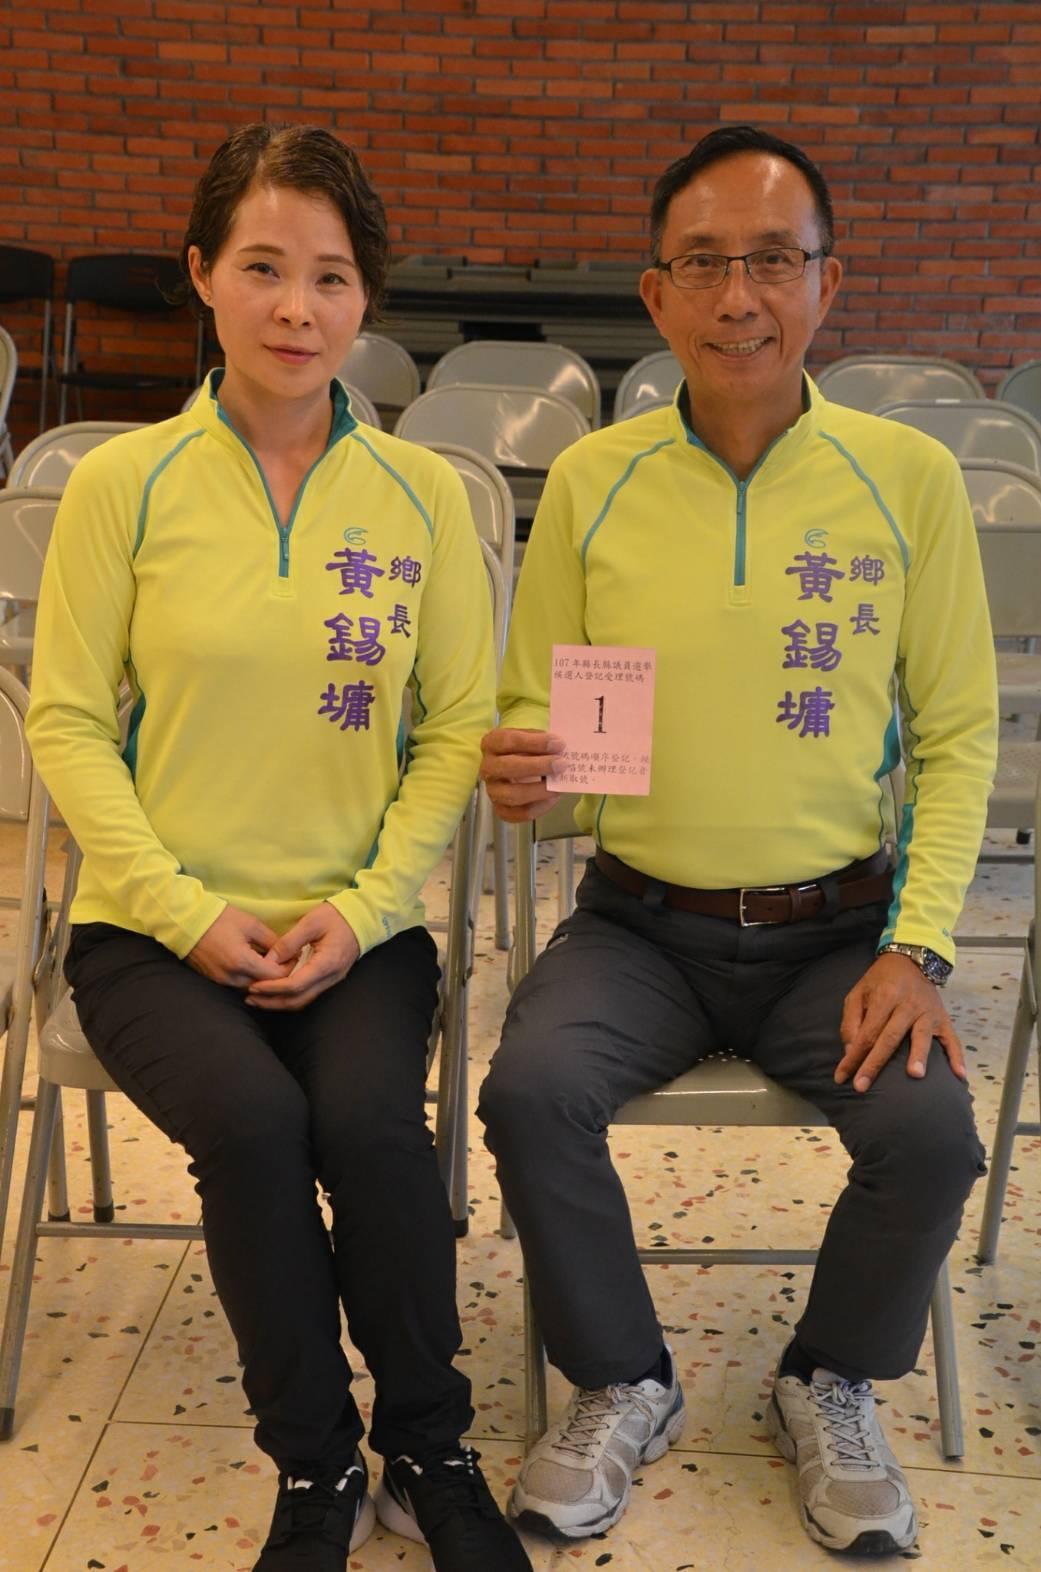 黃錫墉強調,他已忍痛離開最深愛的民進黨,決定要將心中的悲痛化為力量,只求公平正道...